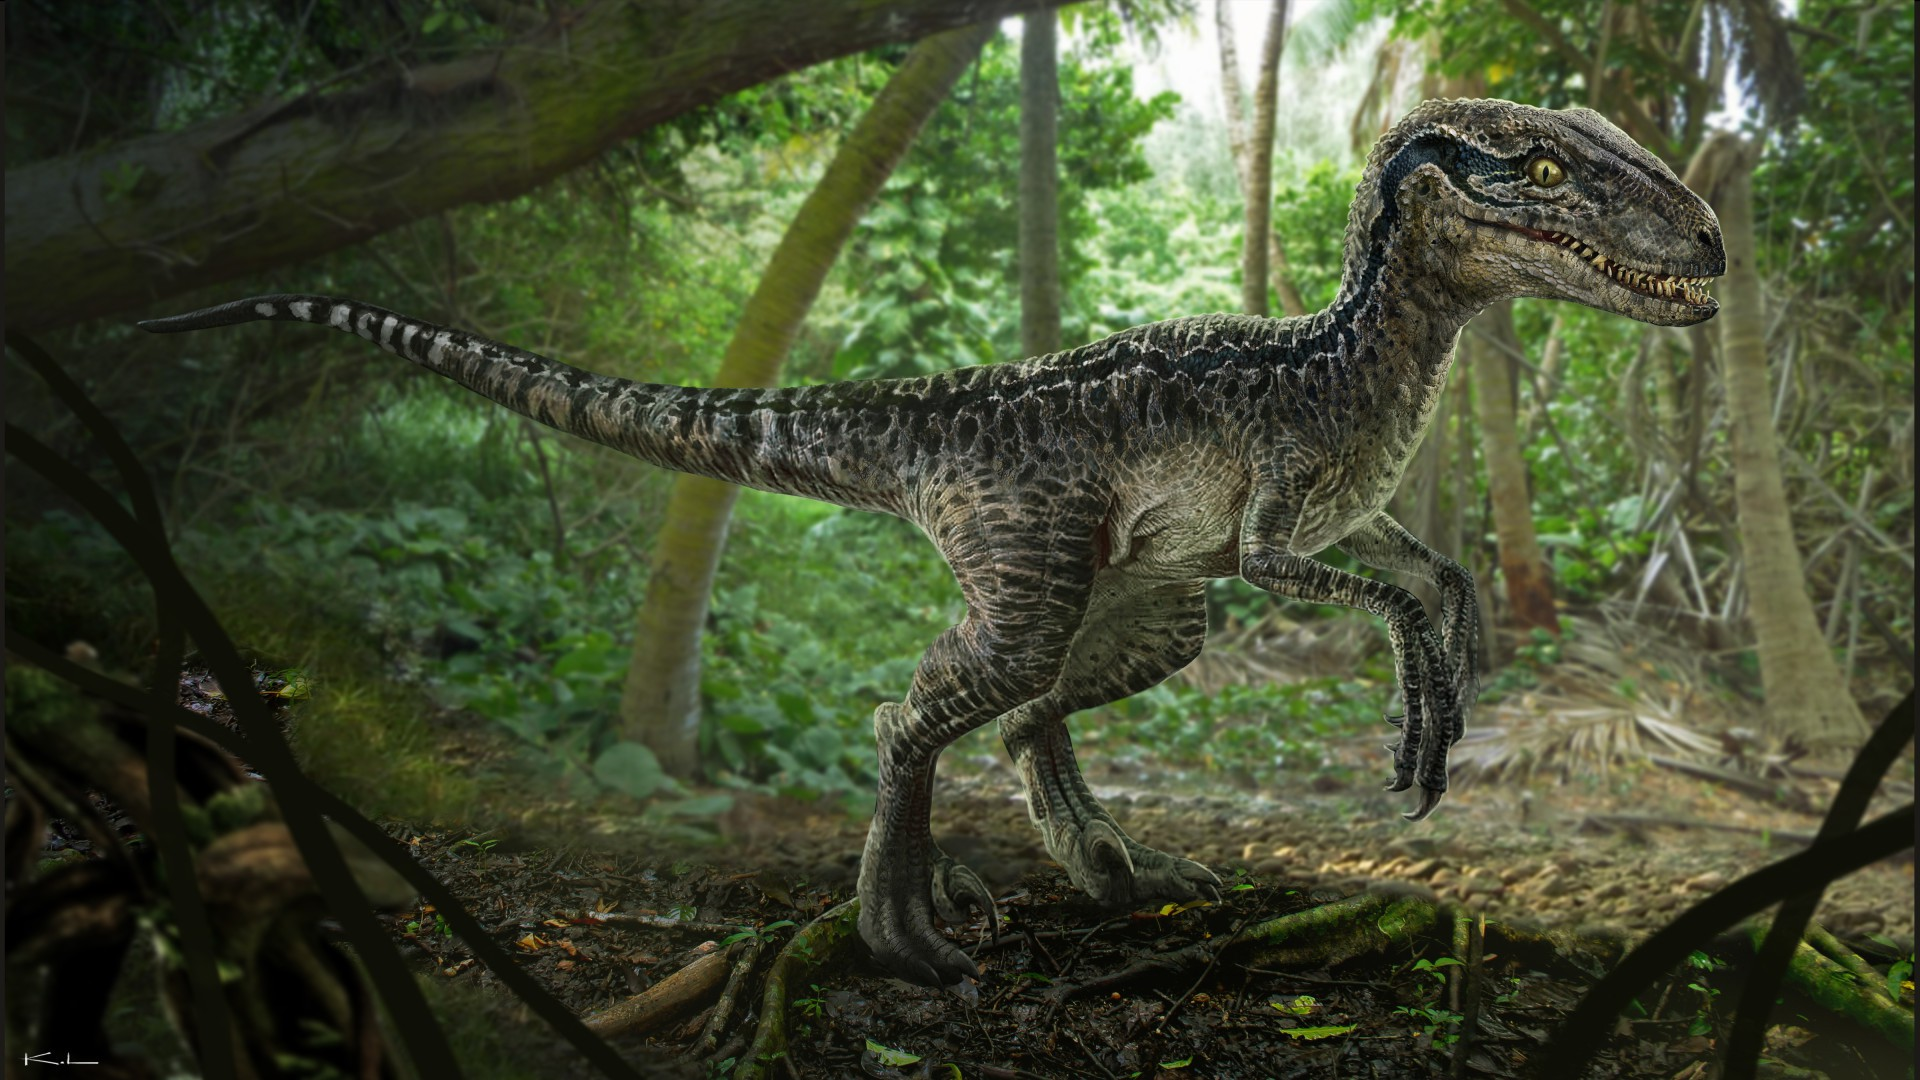 Science Advances: Хвост сэкономил динозавру энергию во время ходьбы